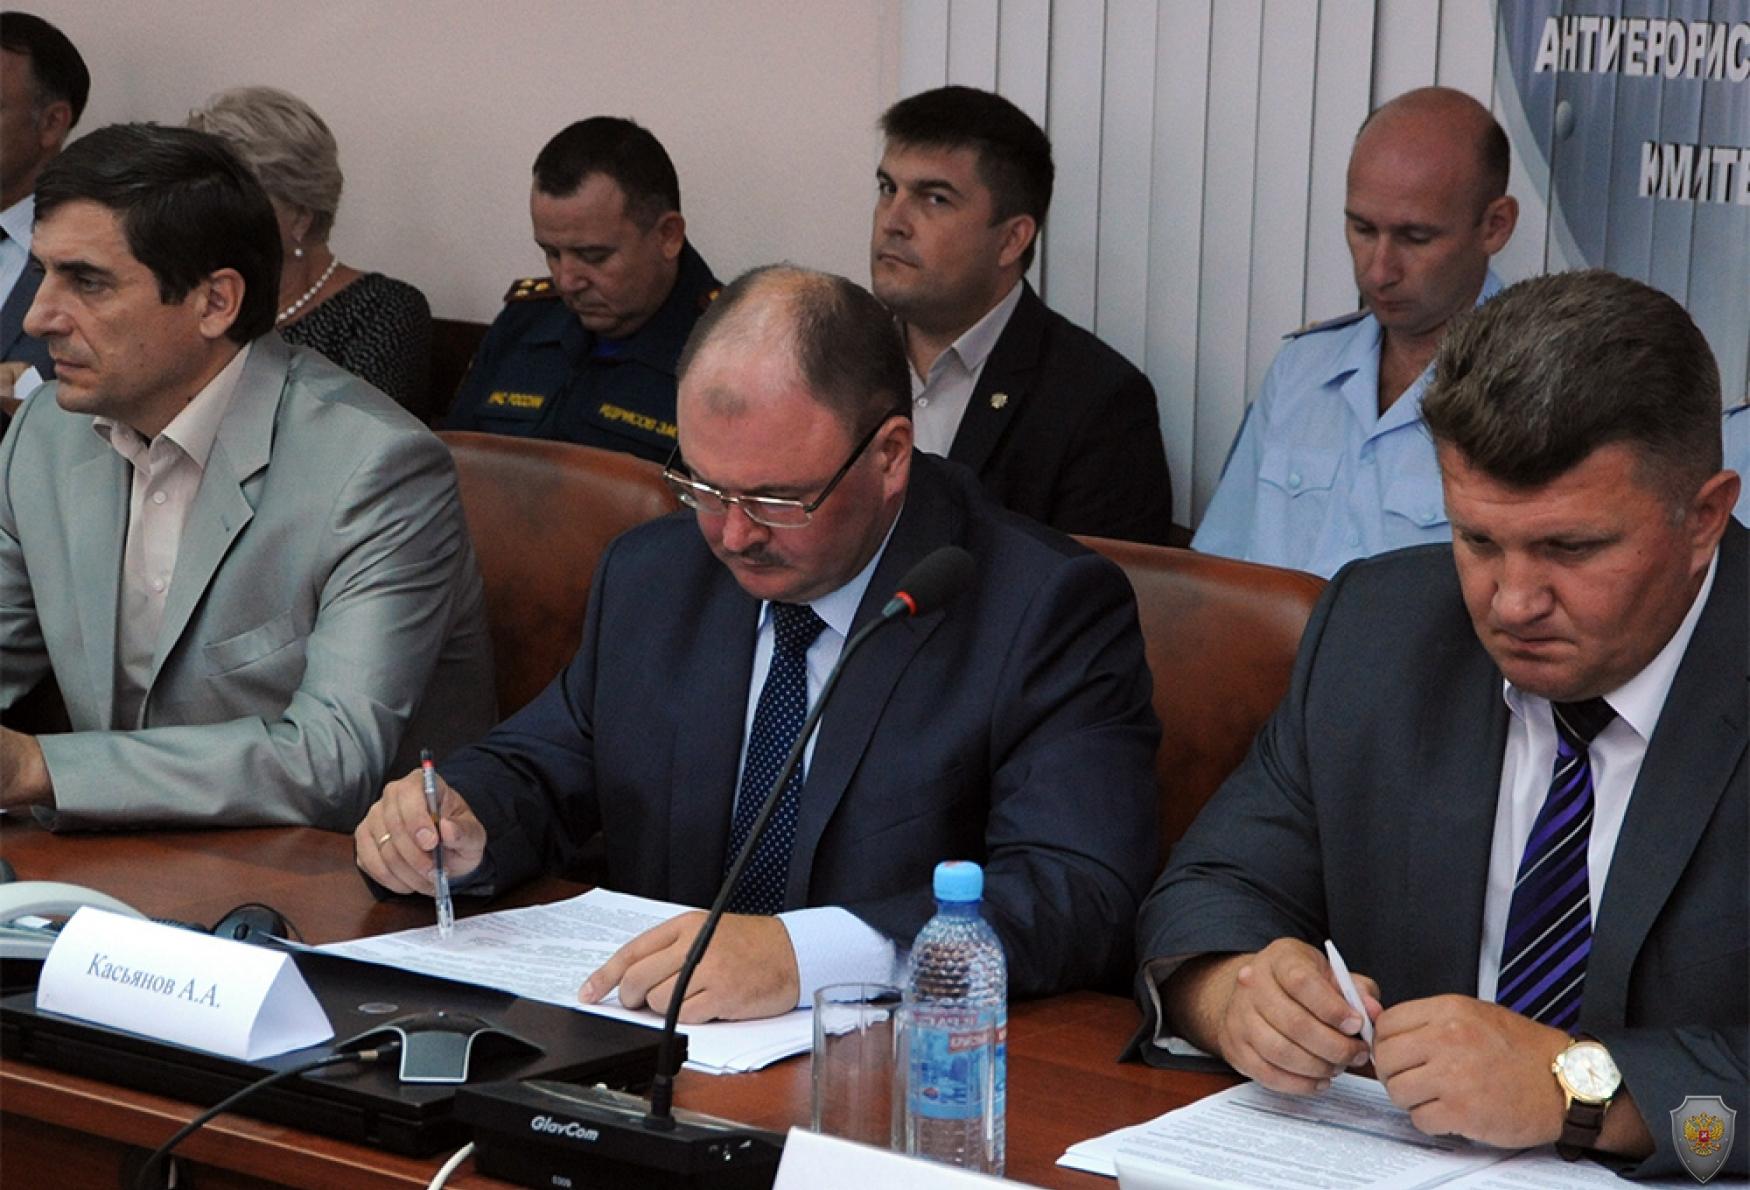 Докладывает Секретарь межведомственного Совета общественной безопасности Республики Башкортостан Алексей Анатольевич Касьянов